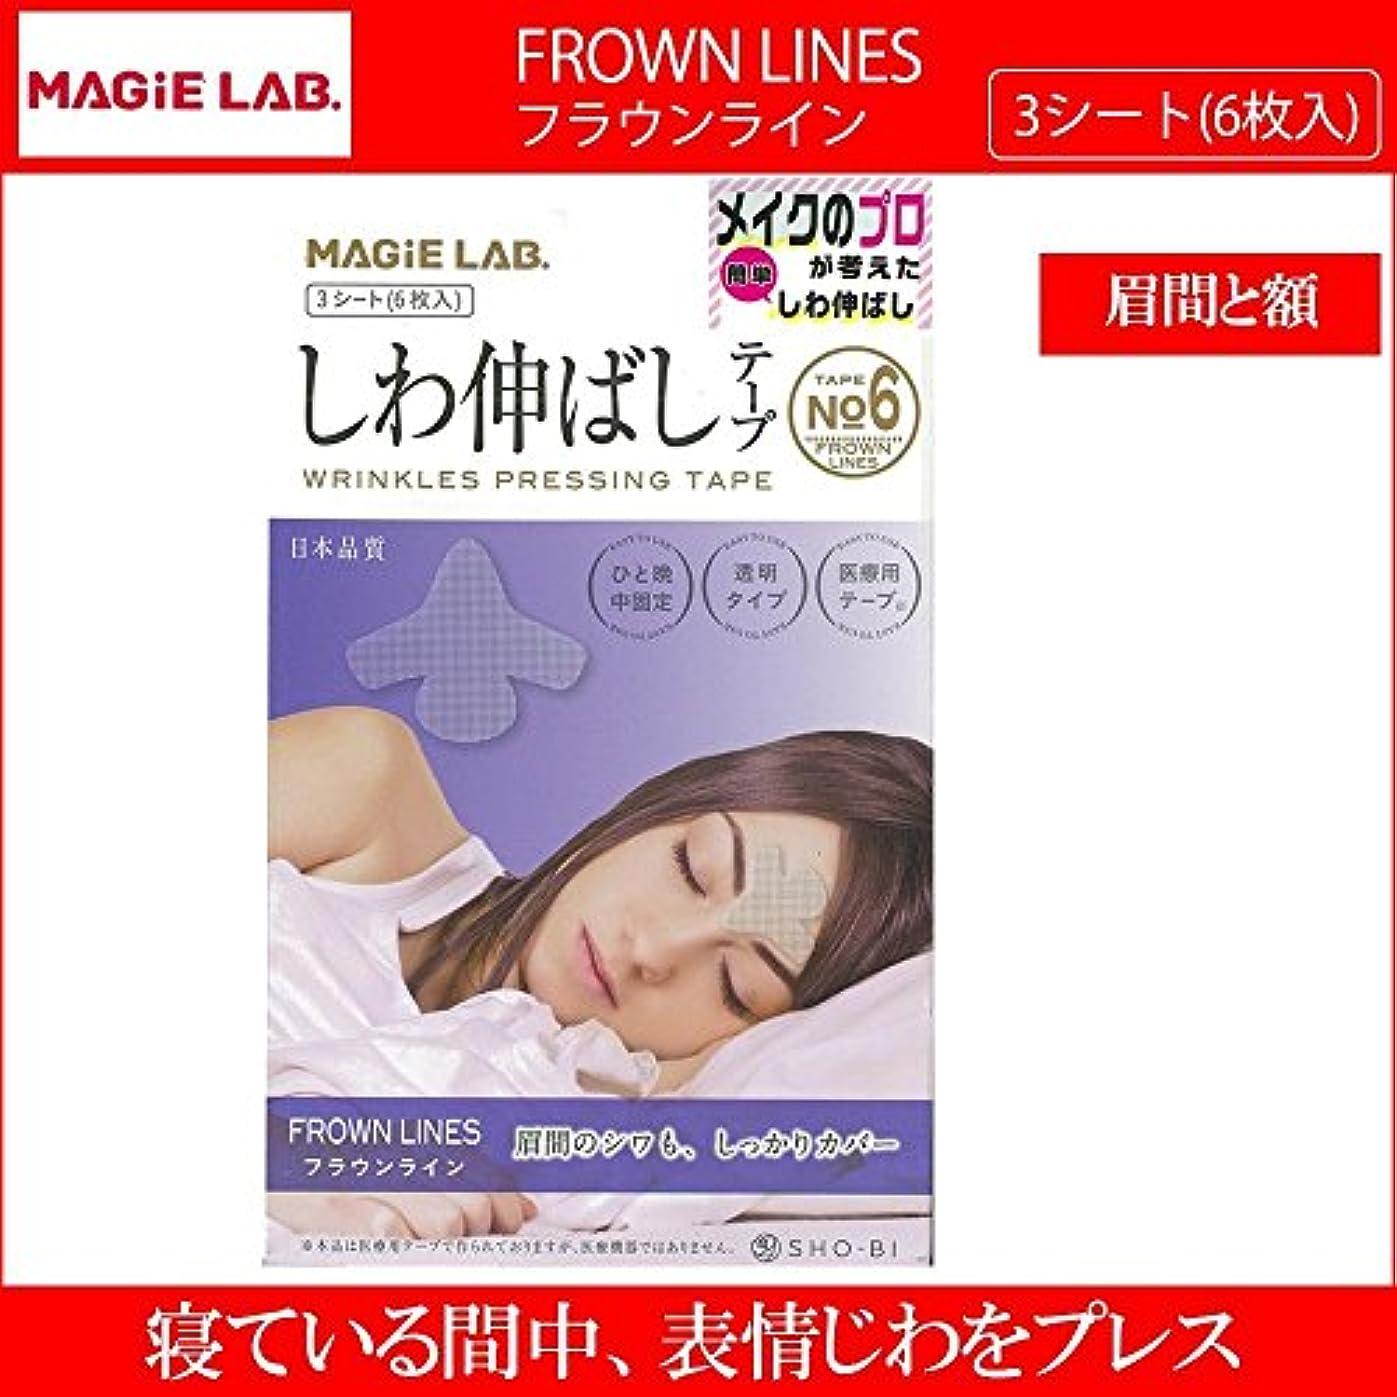 ビジョンアーサーミシンMAGiE LAB.(マジラボ) しわ伸ばしテープ NO.6 FROWN LINES(フラウンライン) 3シート(6枚入) MG22150